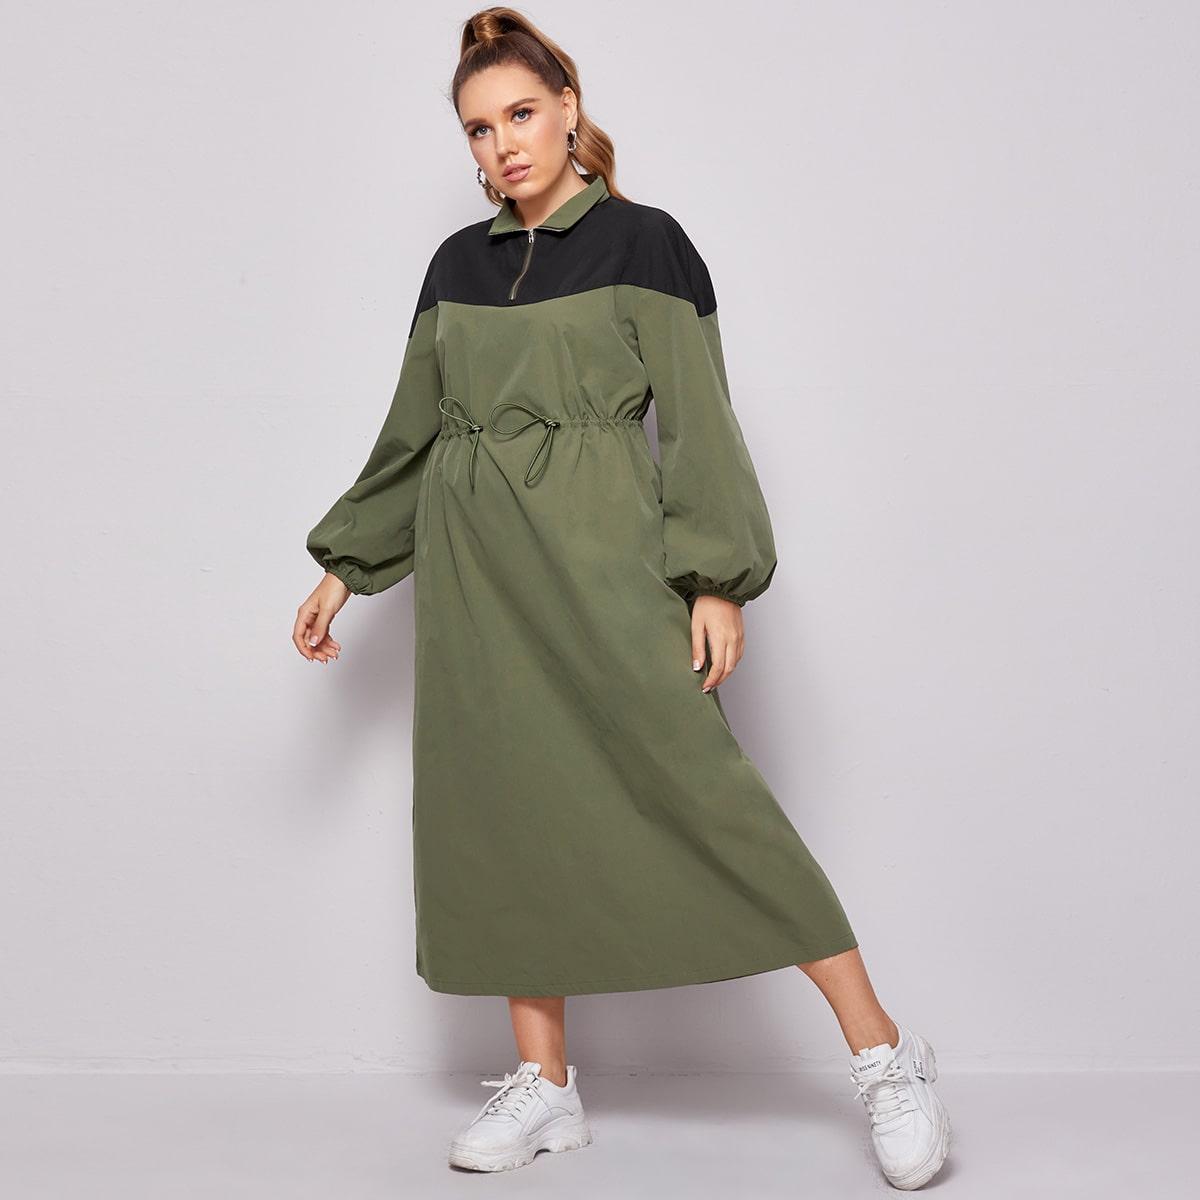 Двухцветное платье размера плюс на кулиске с молнией